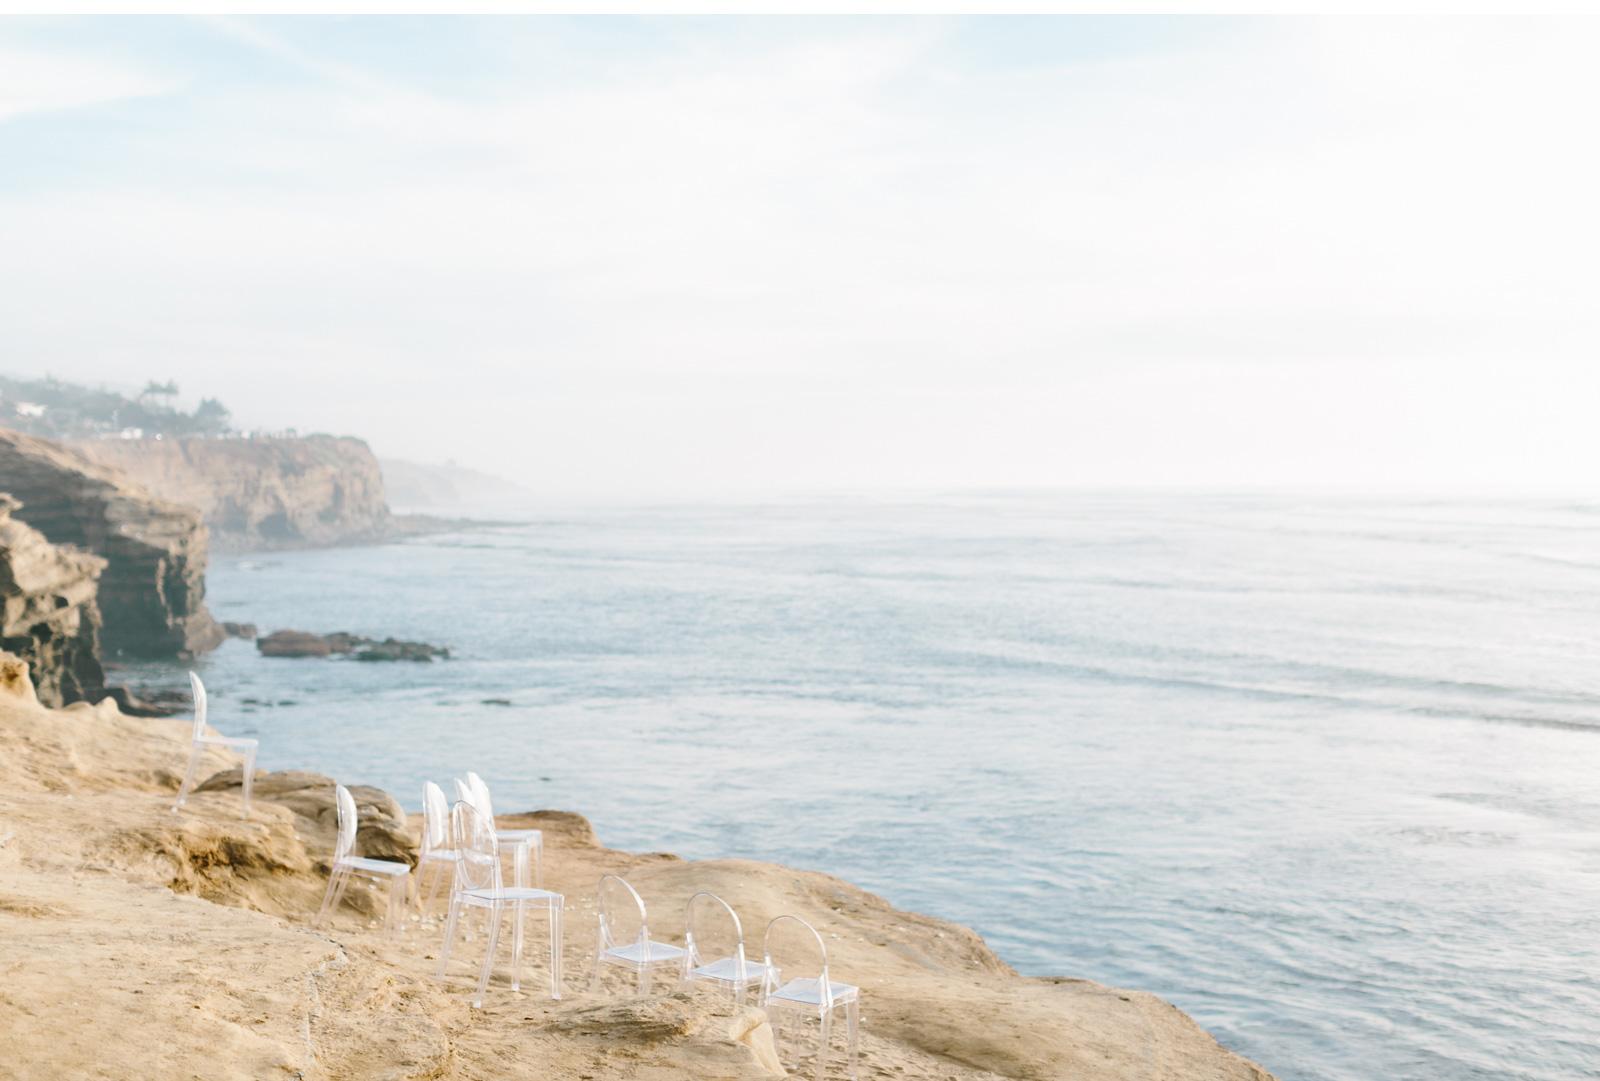 San-Clemente-Wedding-Photographer-Hawaii-Natalie-Schutt-Photography_11.jpg